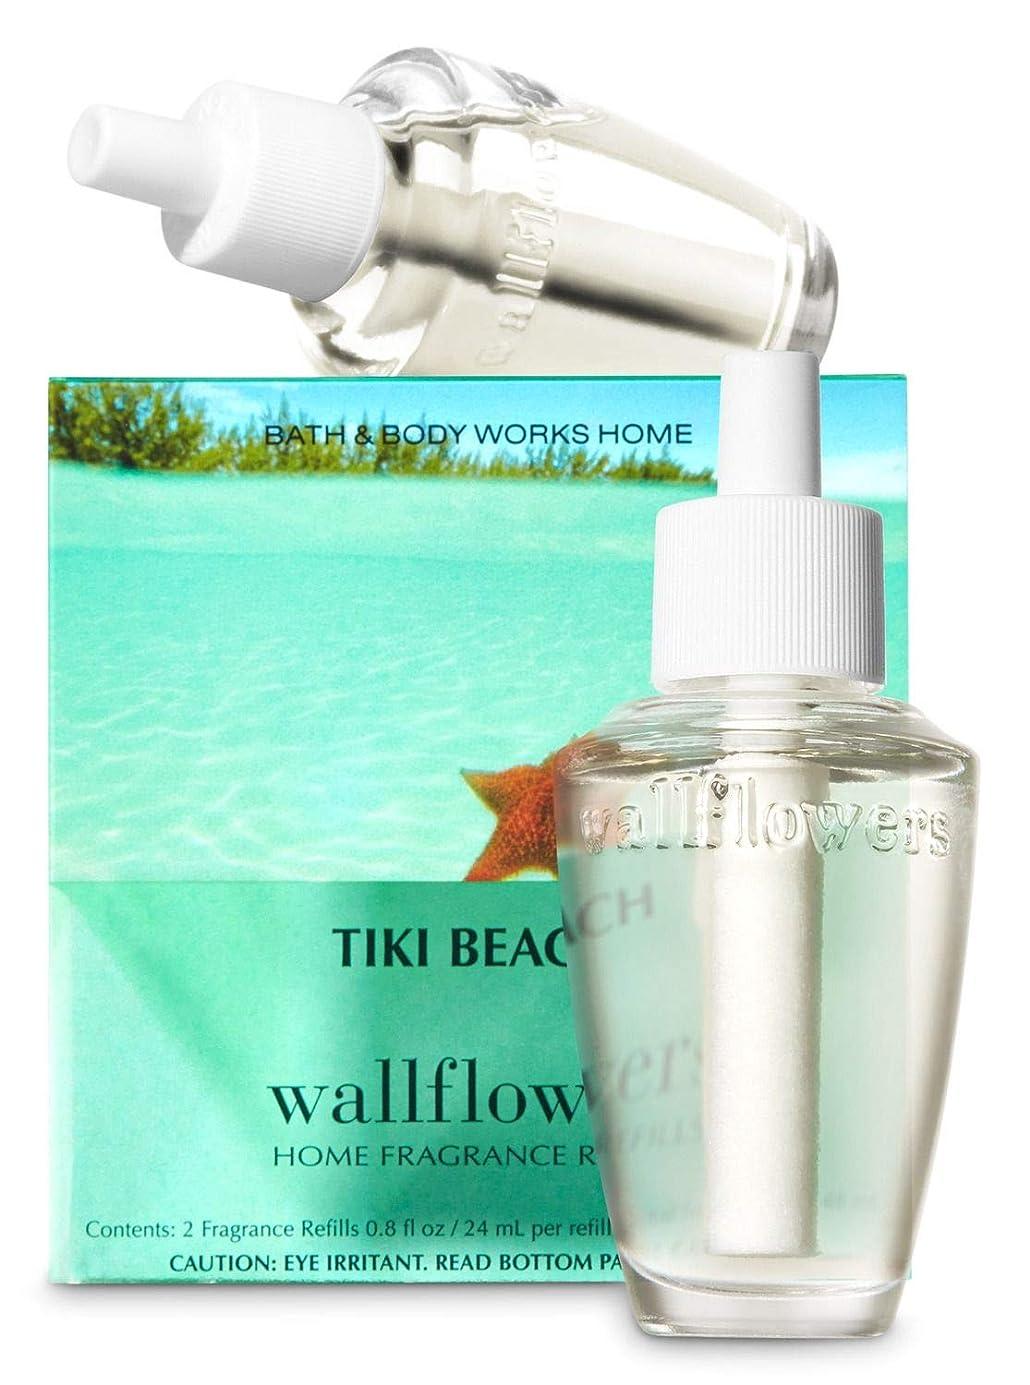 本能懇願する高潔な【Bath&Body Works/バス&ボディワークス】 ホームフレグランス 詰替えリフィル(2個入り) ティキビーチ Wallflowers Home Fragrance 2-Pack Refills Tiki Beach [並行輸入品]